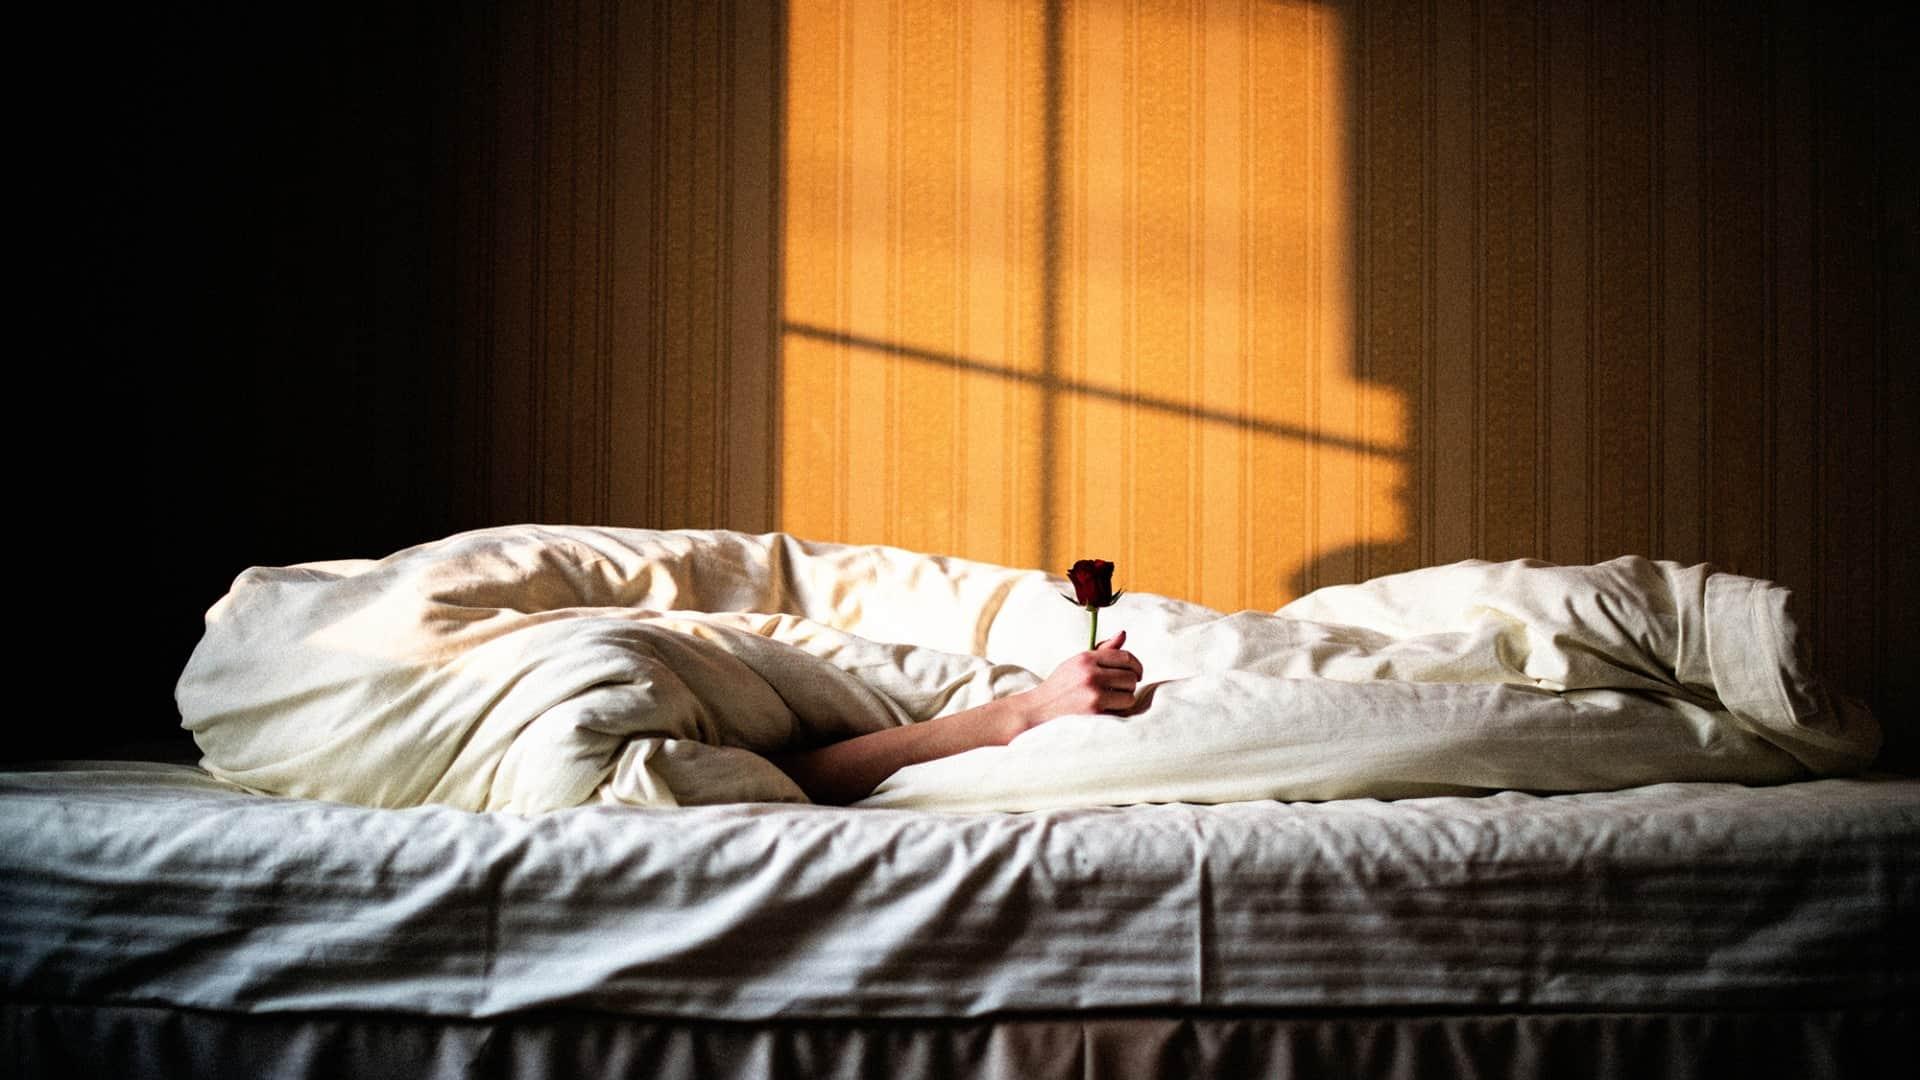 К чему снится постель: видеть во сне кровать, застилать ... Ссора с Парнем